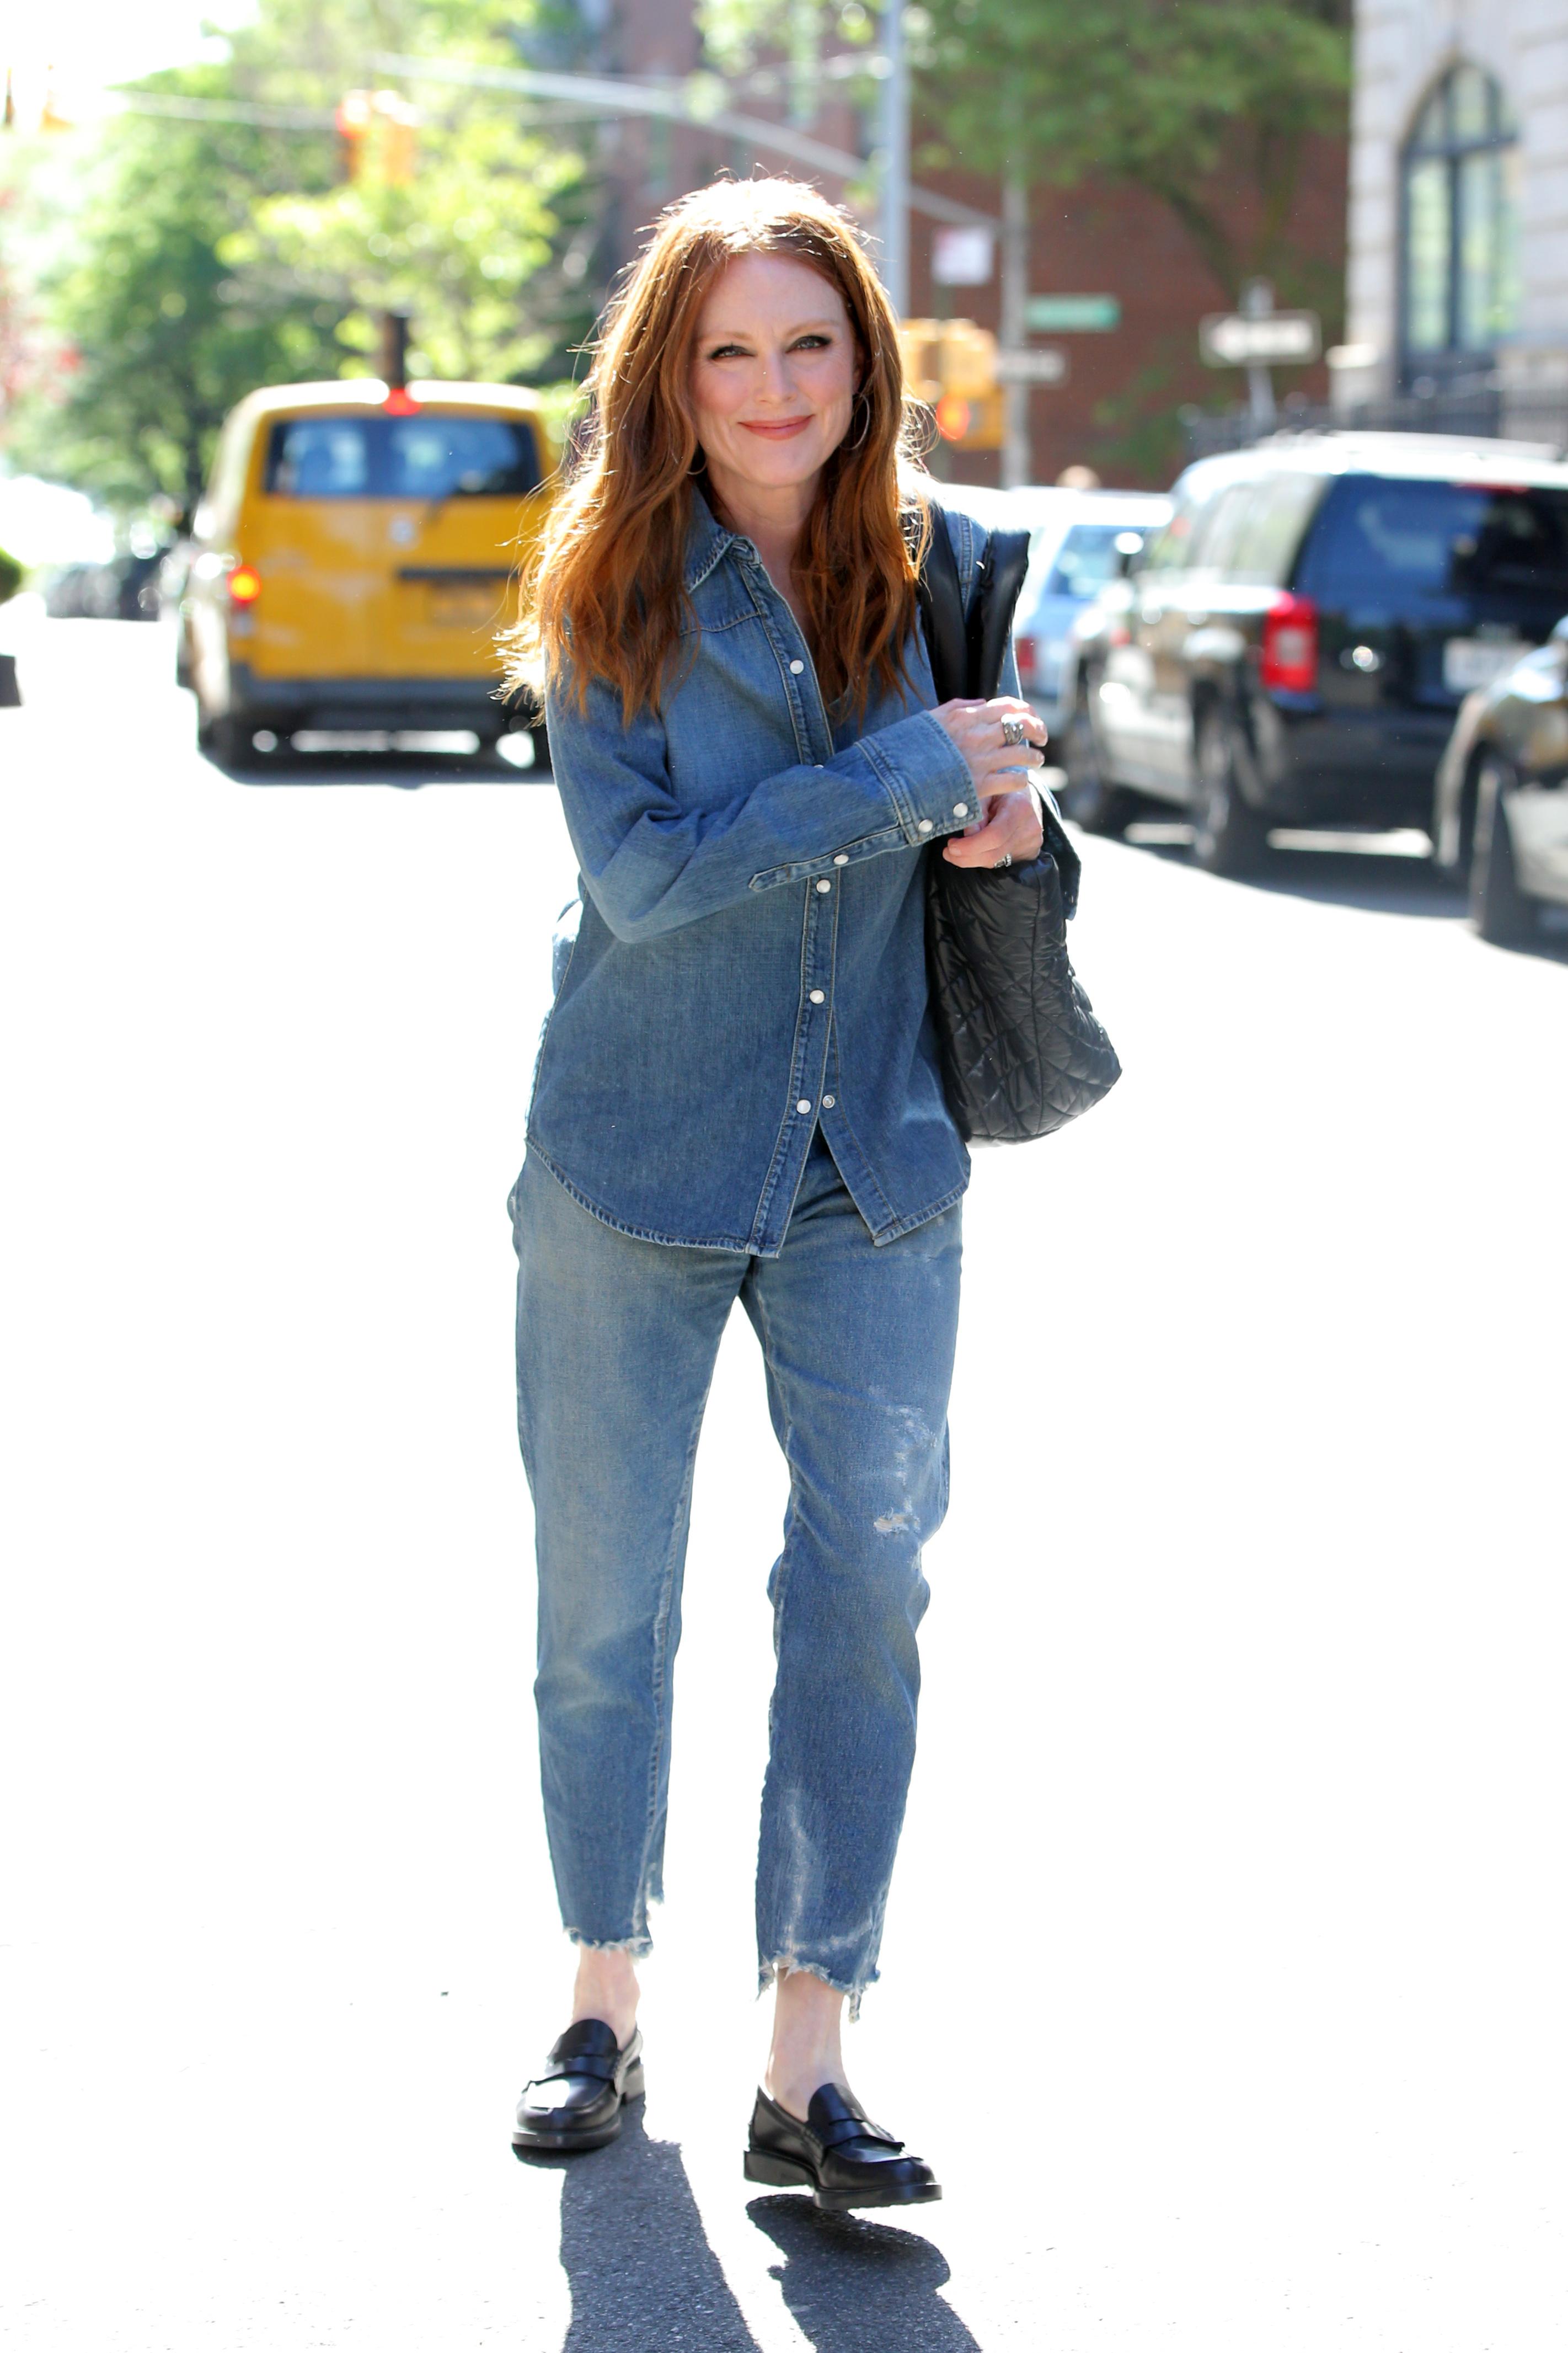 Η Τζούλιαν Μοορ στη Νέα Υόρκη με total denim outfit.